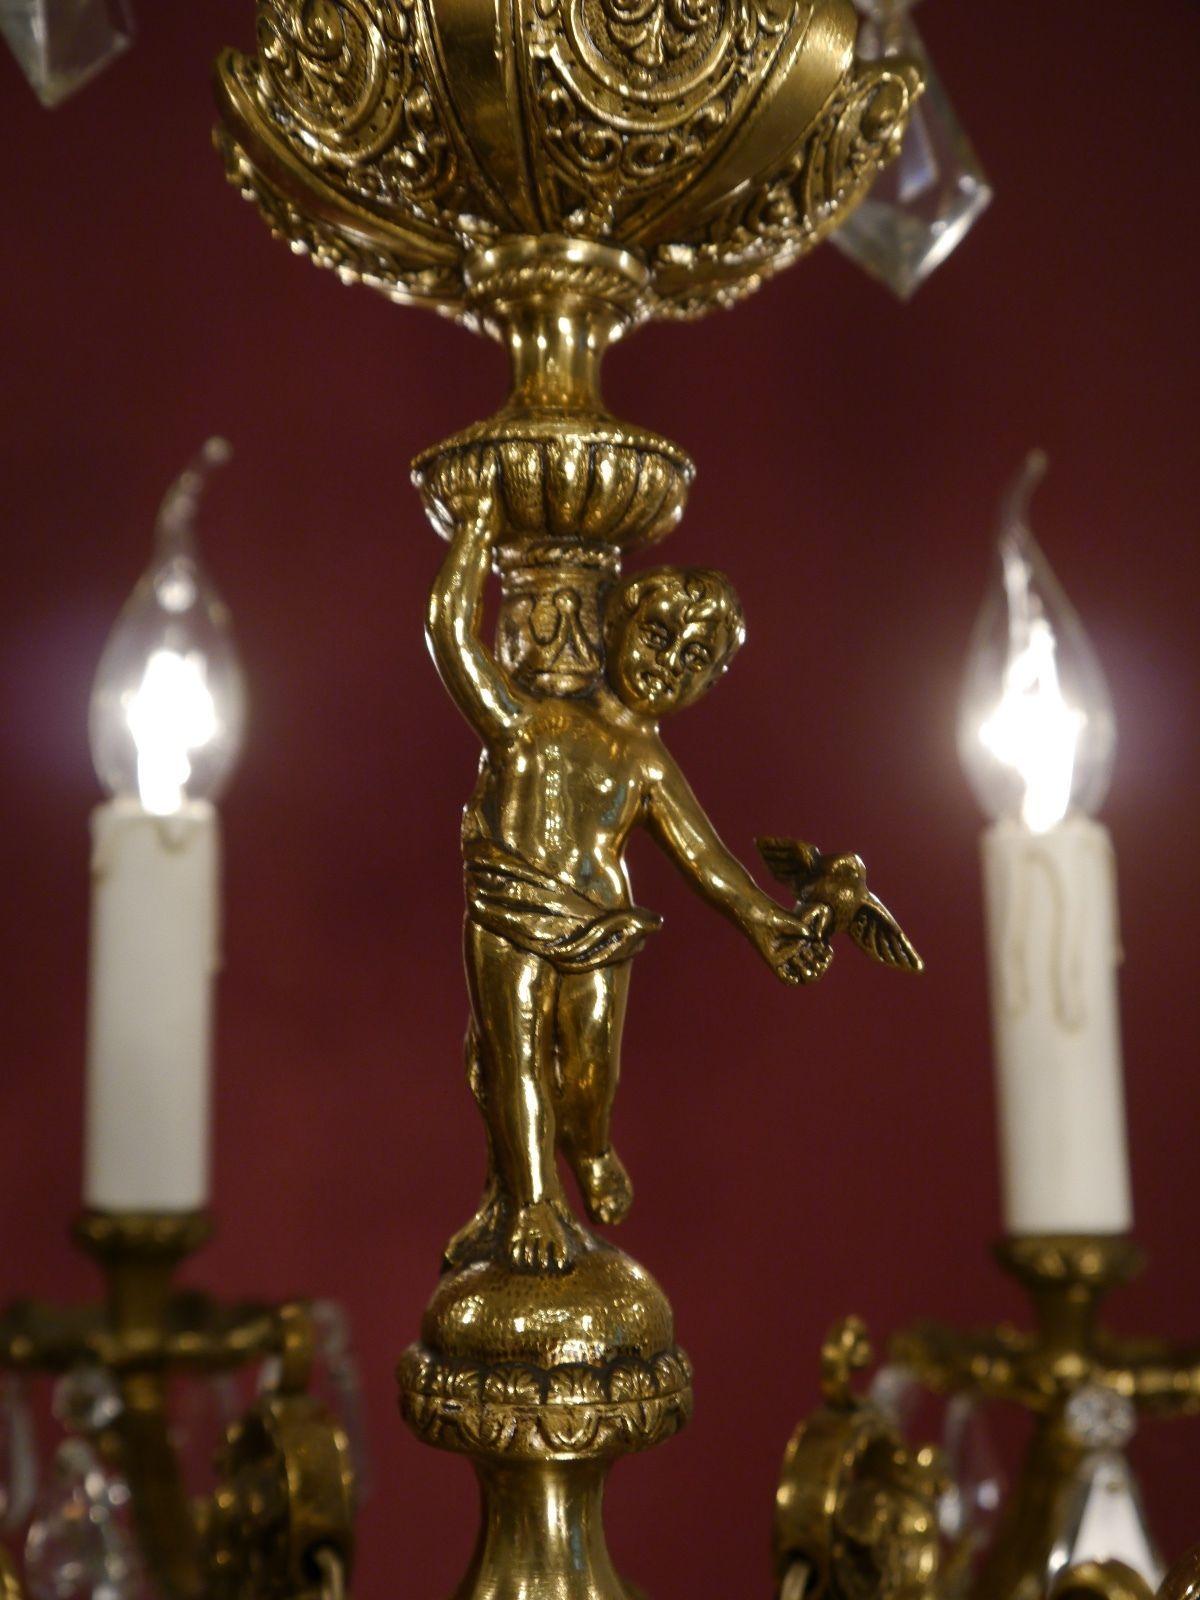 Magnificent Brass Chandelier Cherubs Figurine Crystal Antique Old - Chandelier crystals ebay